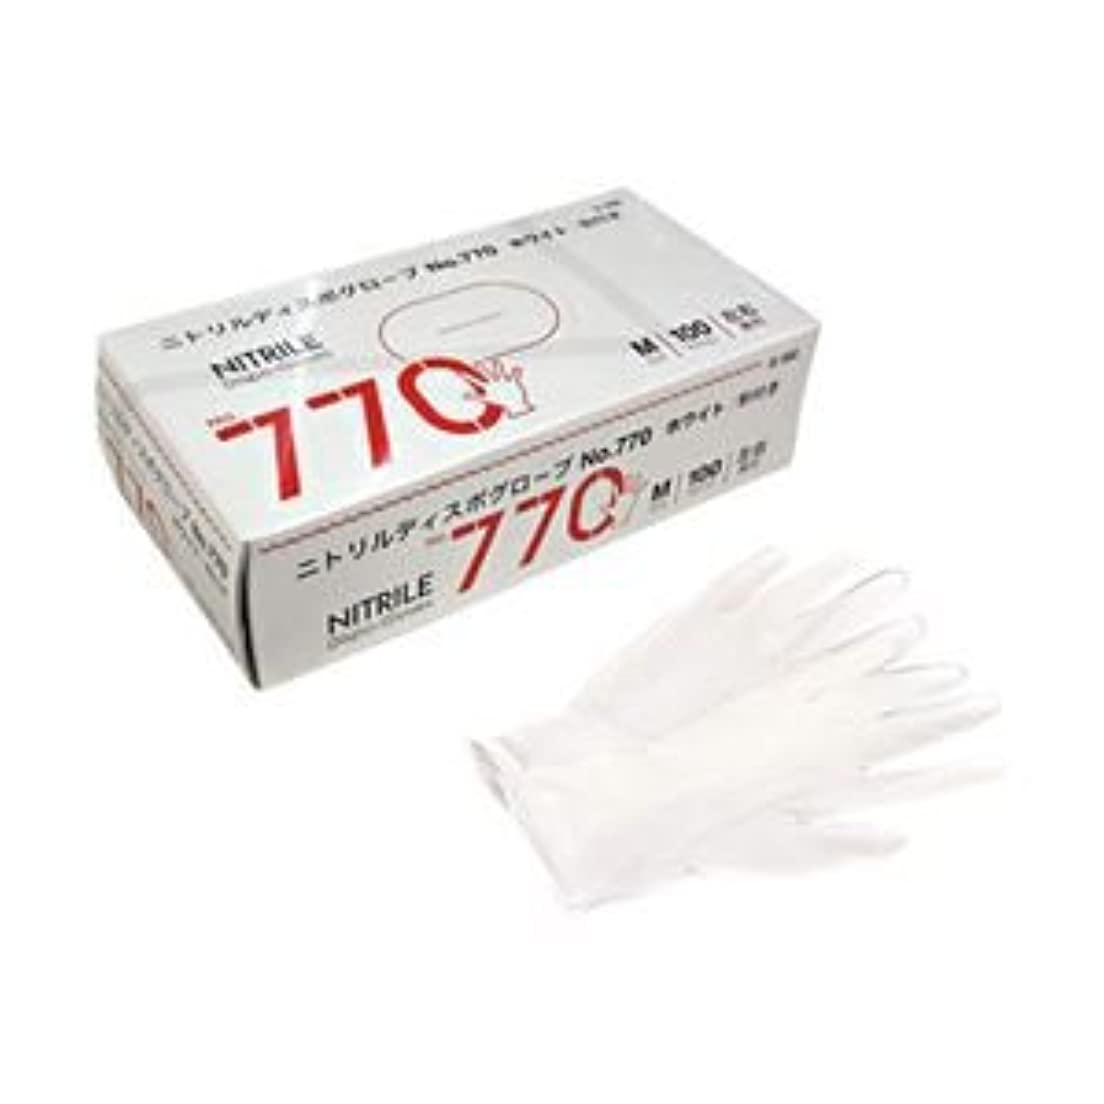 隙間ペック階(業務用セット) 宇都宮製作 ニトリル手袋770 粉付き M 1箱(100枚) 【×5セット】